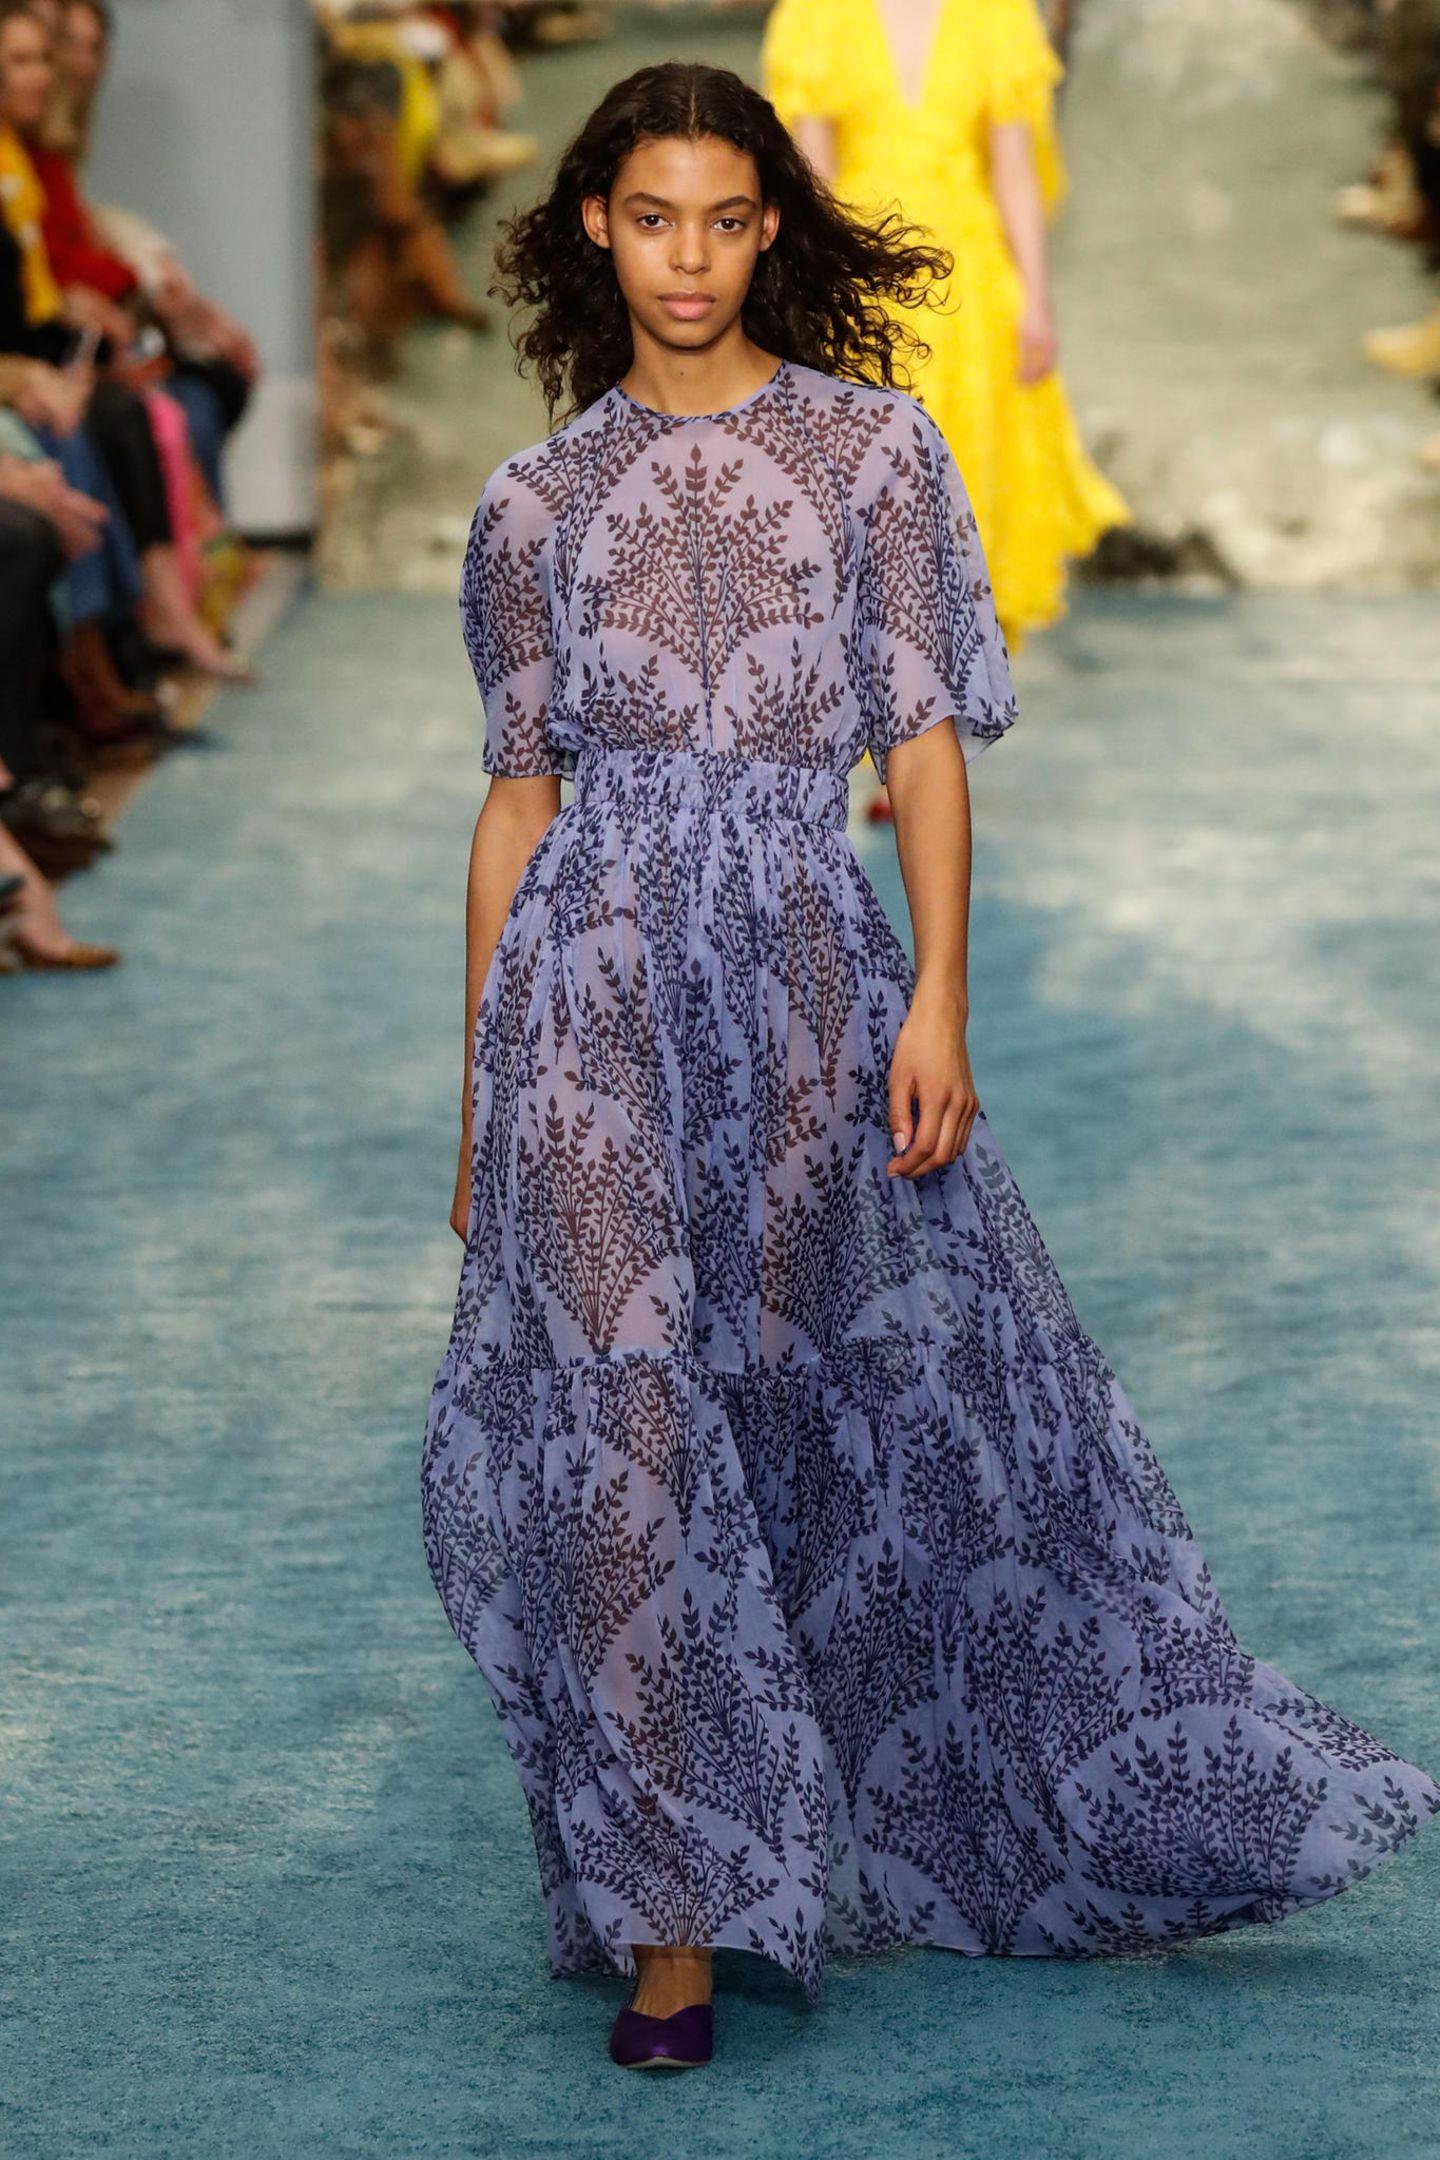 Bei derModenschau Frühjahr/Sommer 2019 von Carolina Herrera zeigt das Model den Entwurf aus einem feineren, transparenten Stoff. Das florale Ornamentmuster und die Maxilänge sind schon beimOriginal wunderschön.